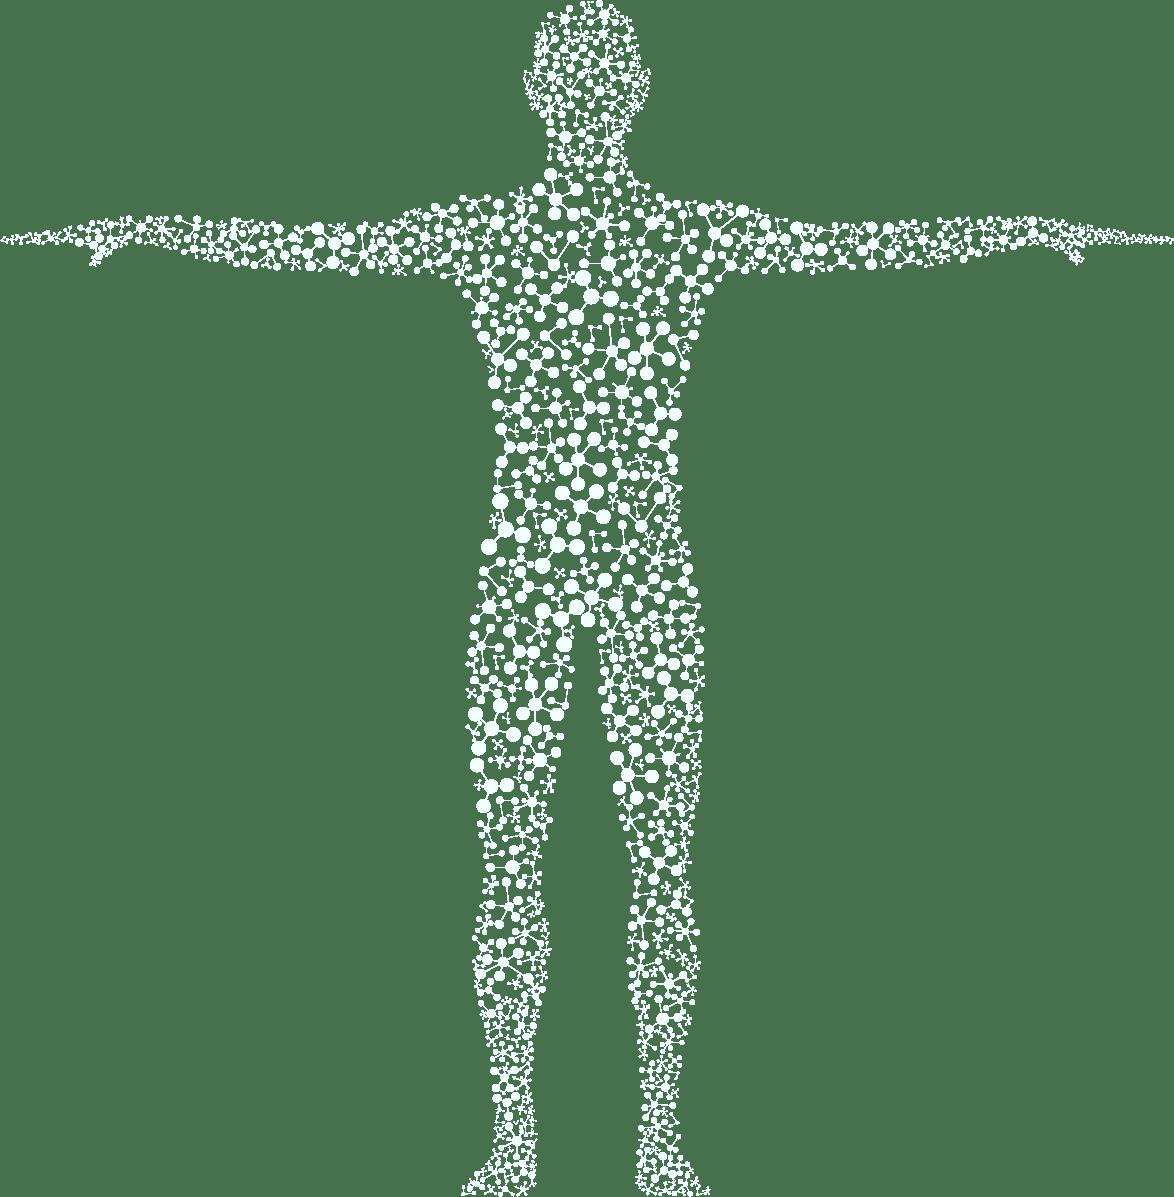 Visualisierung eines Menschen